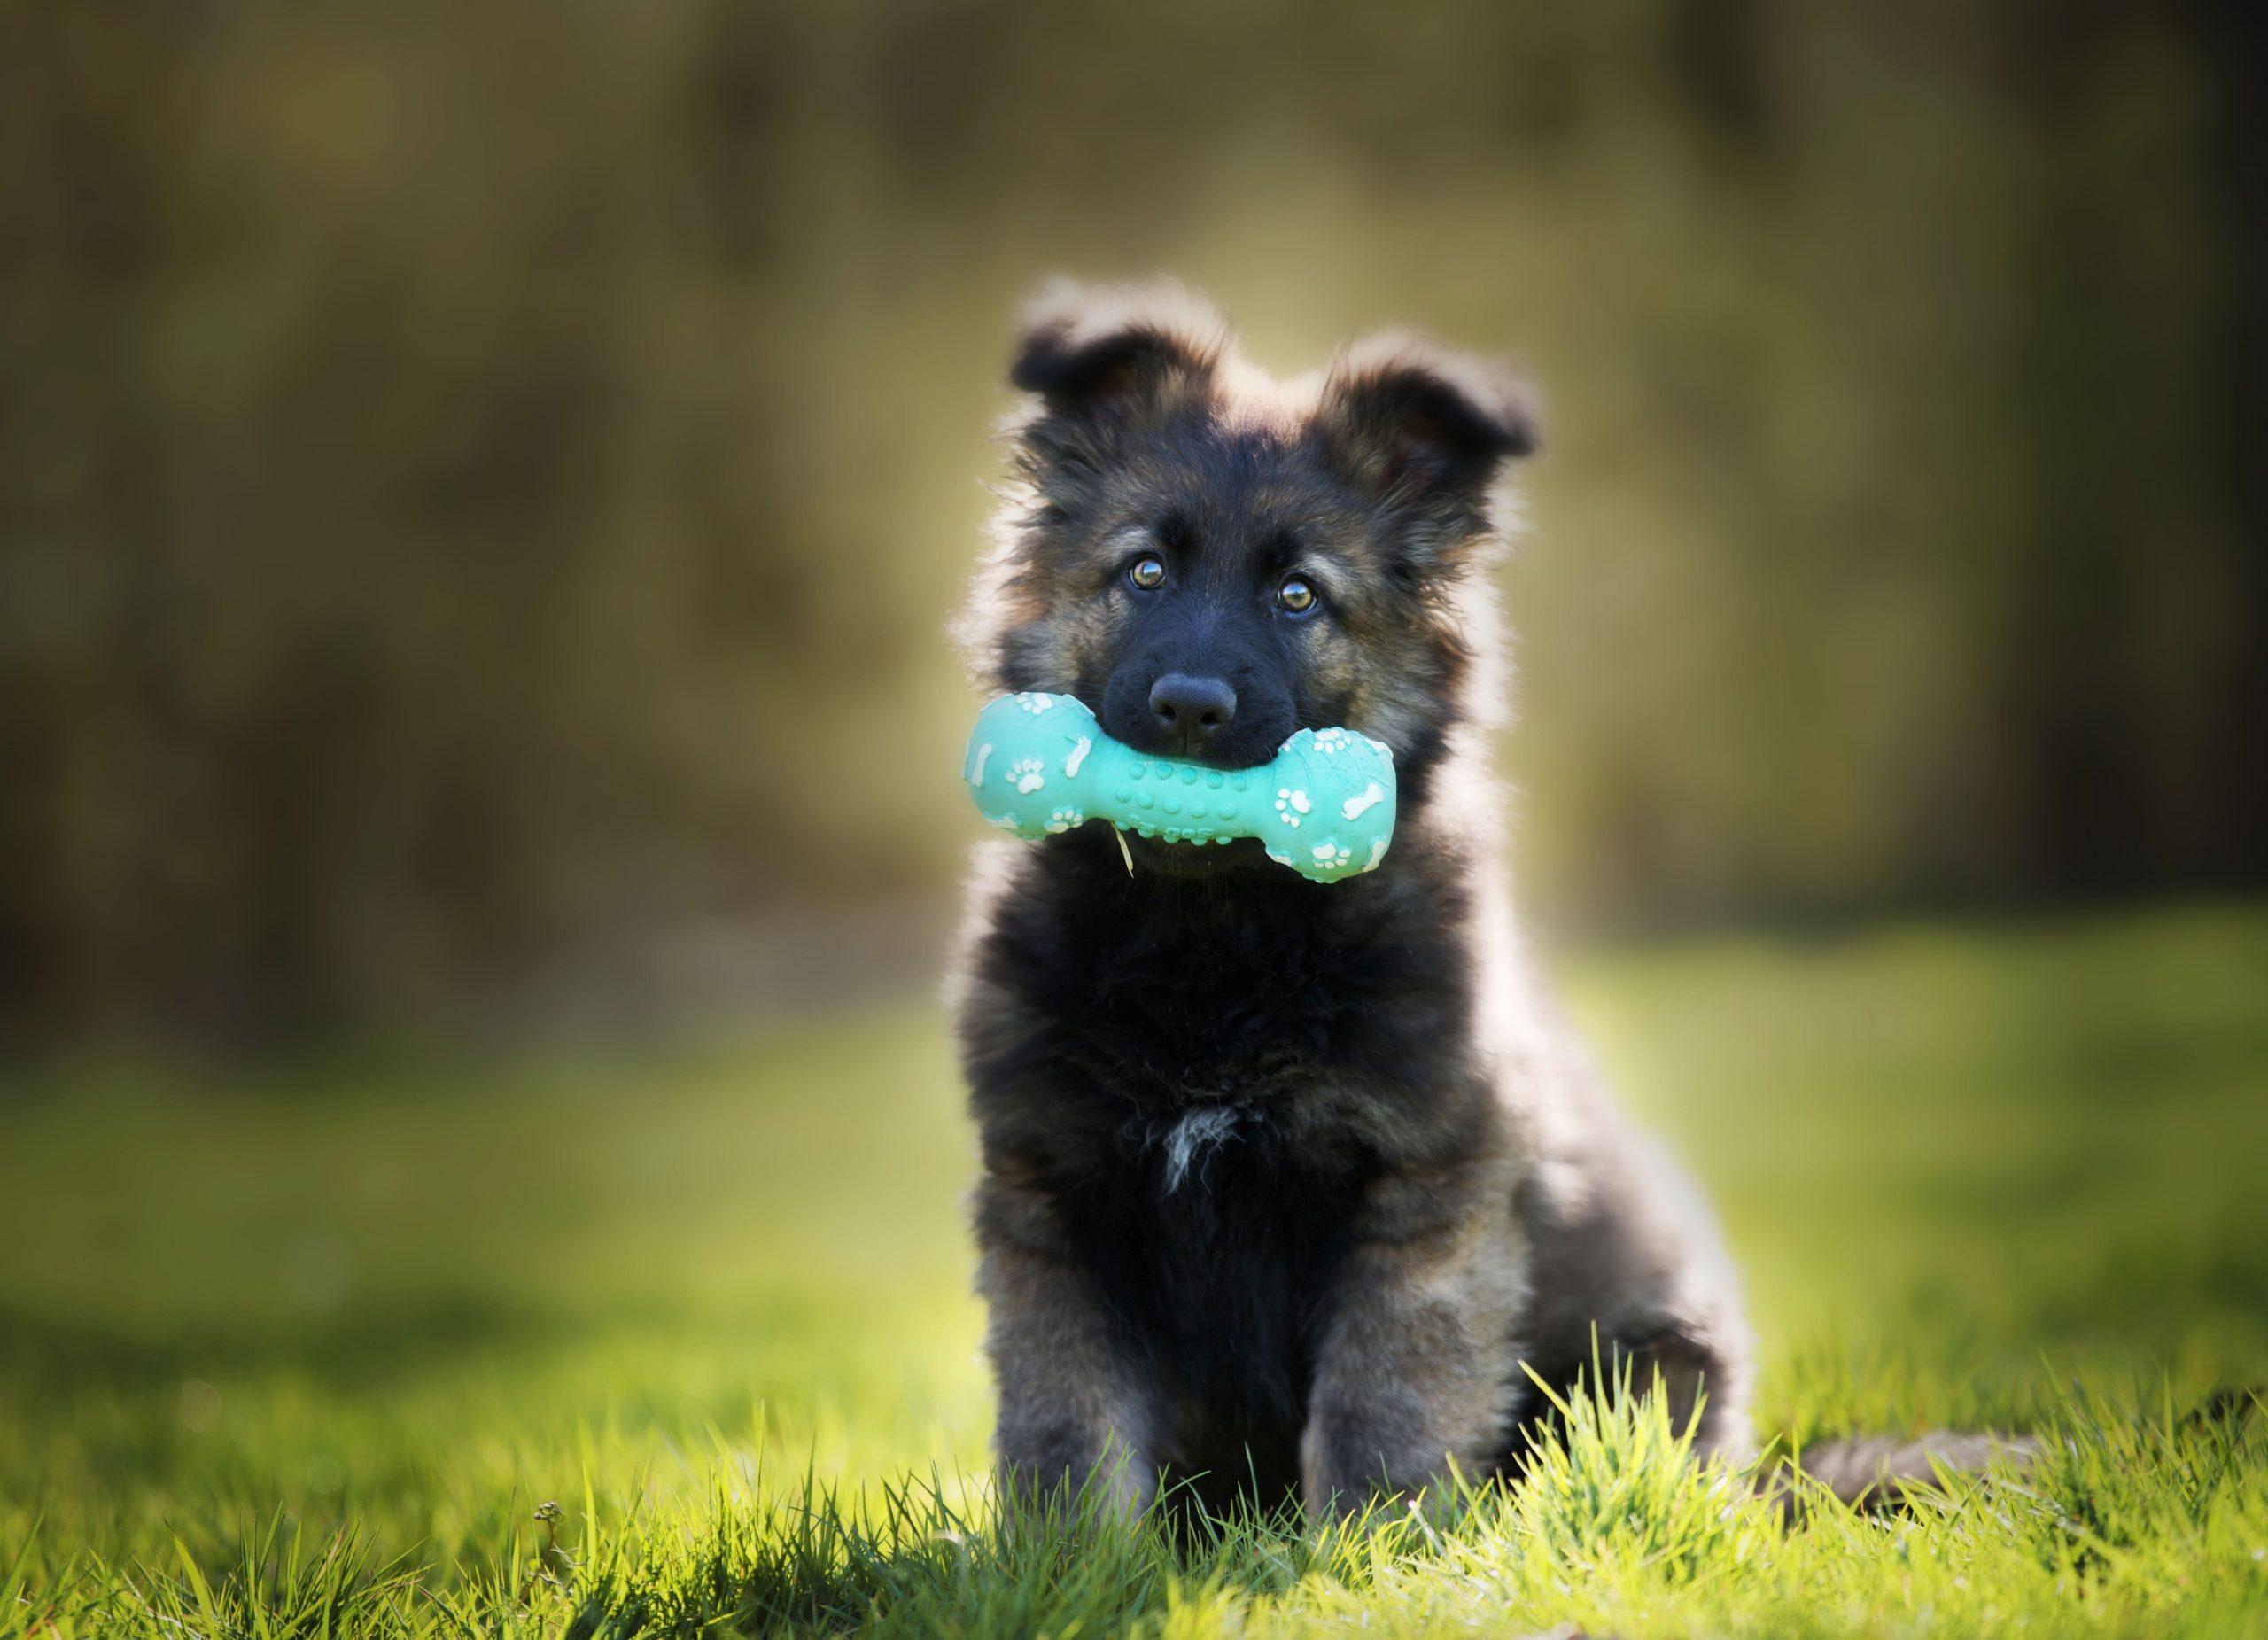 Barakaldo Tienda Veterinaria lanza su Condroprotector para cachorros